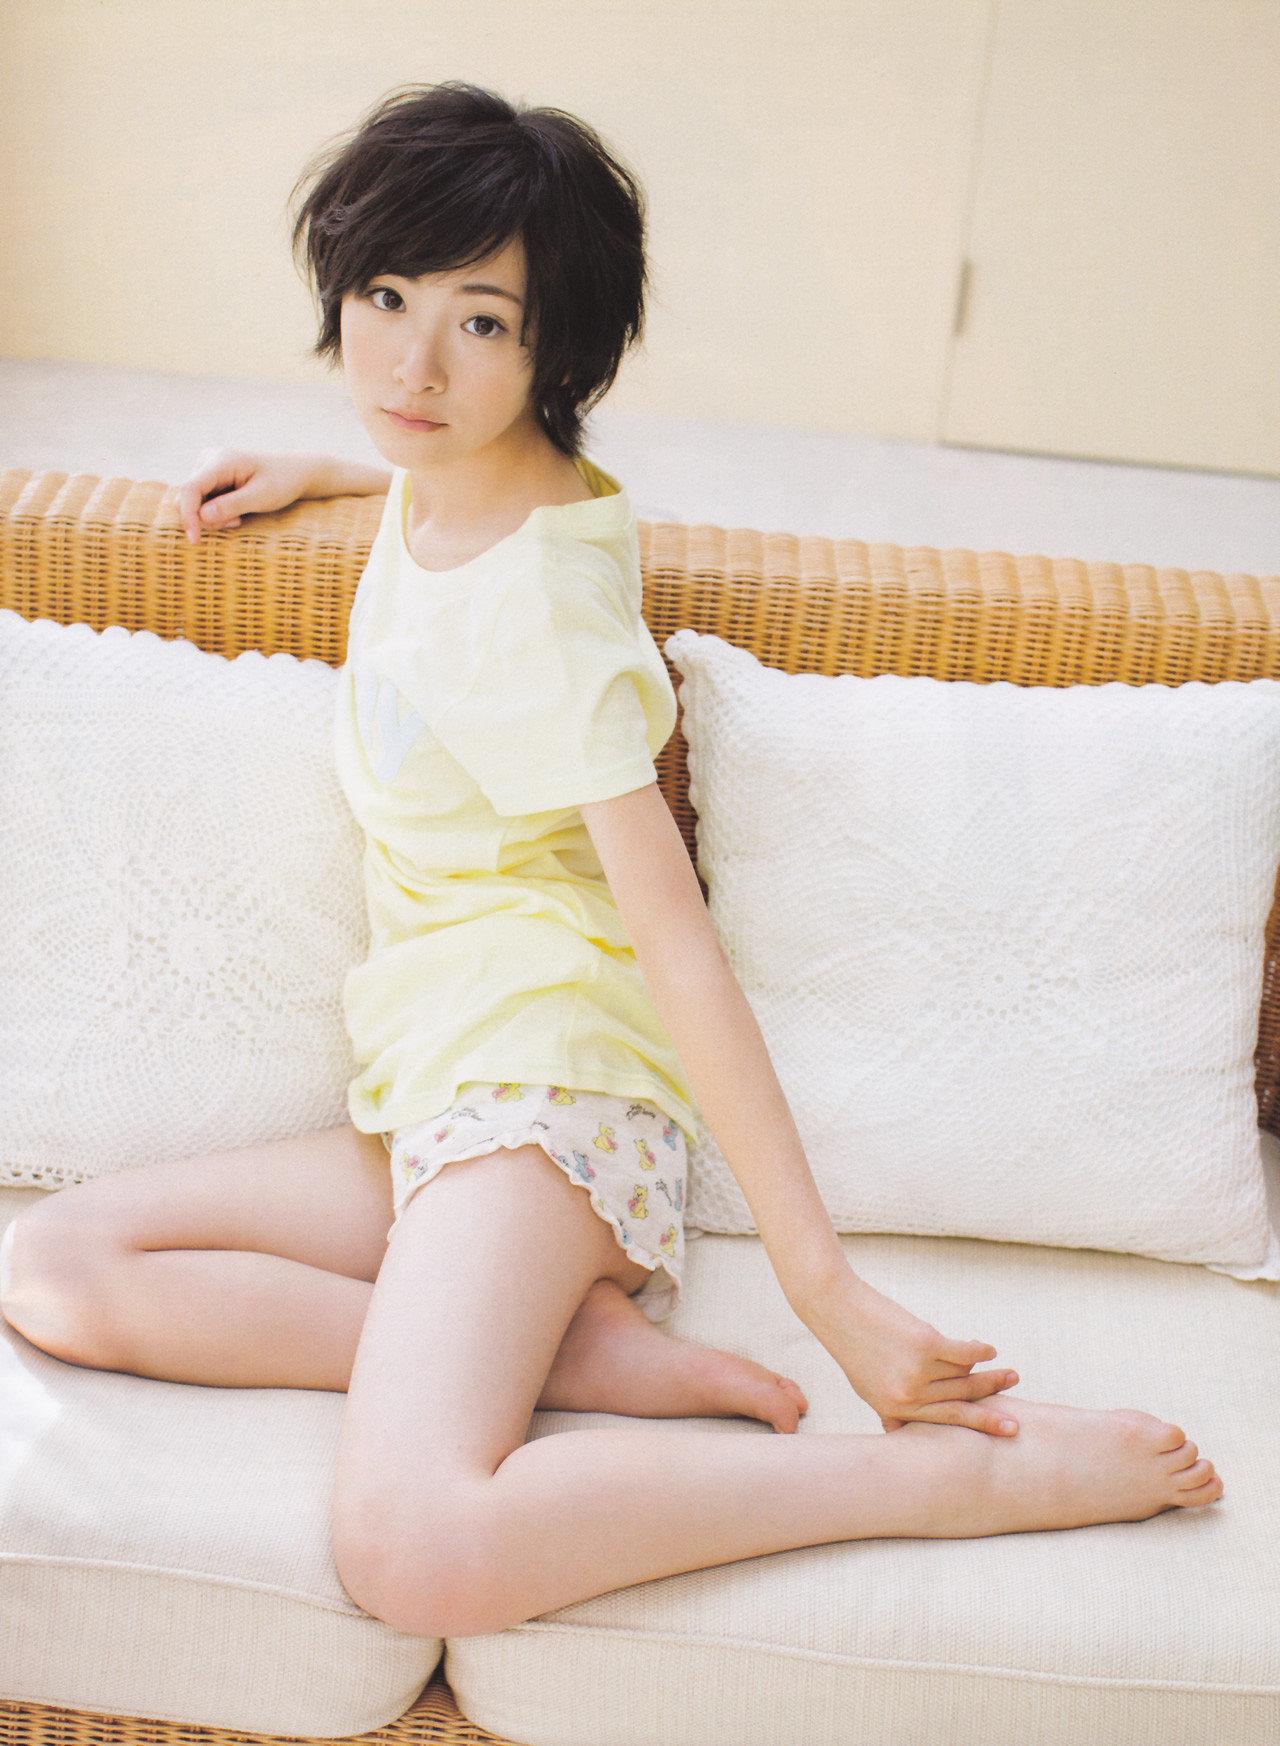 ソファーの上で可愛いポーズを取る生駒里奈の画像♪